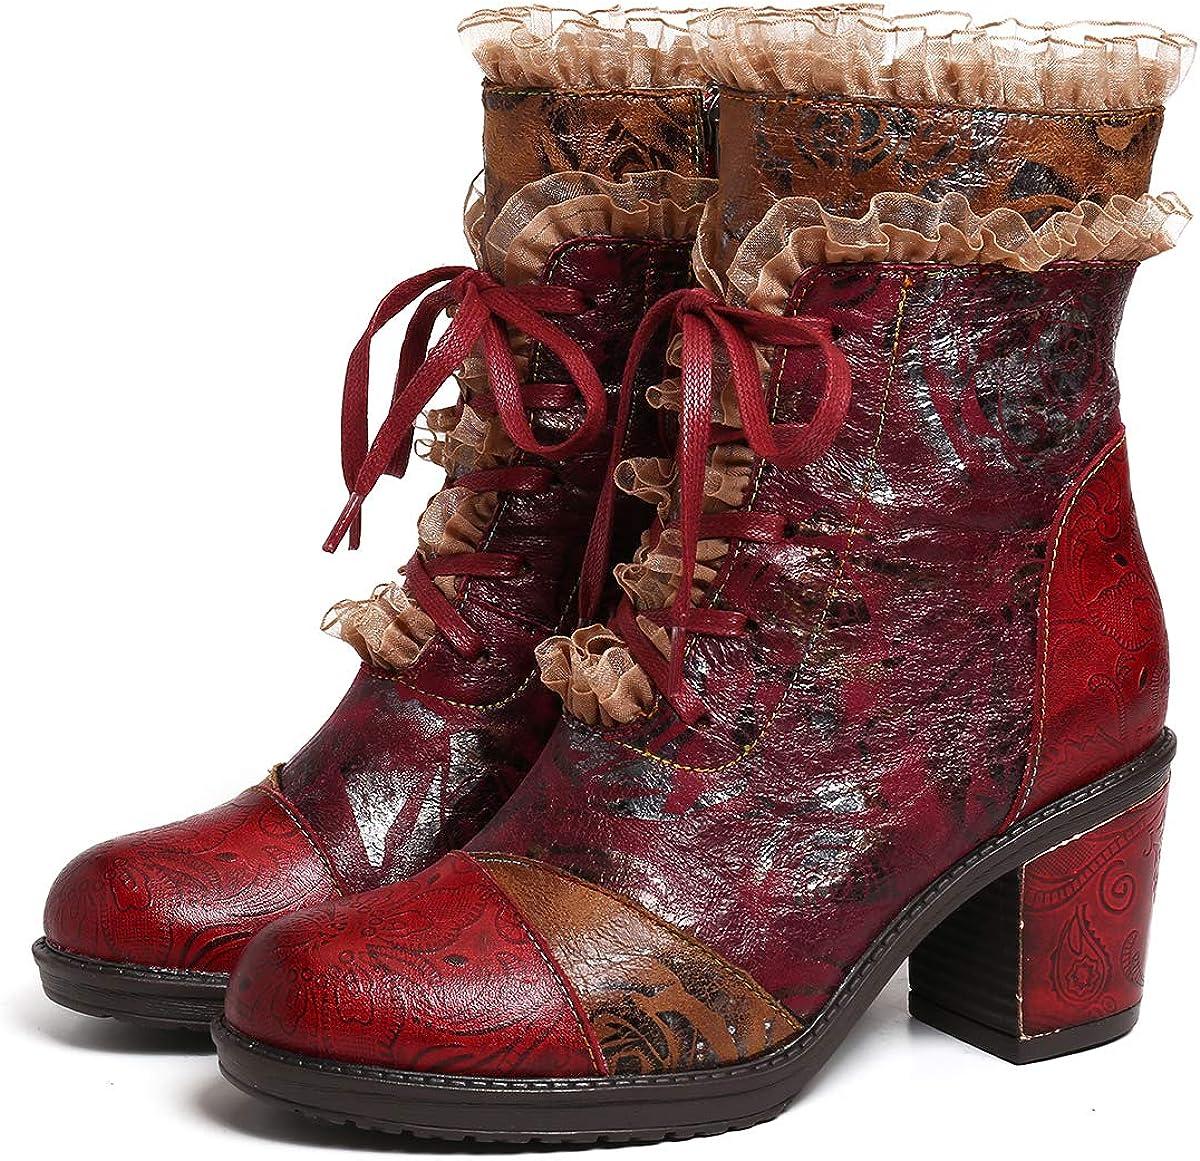 gracosy Bottines Cuir Talons Femmes, Boots Hiver à Lacets en Cuir Rangers Chaussures de Ville Bottes à Talons Hauts Confortable Originales